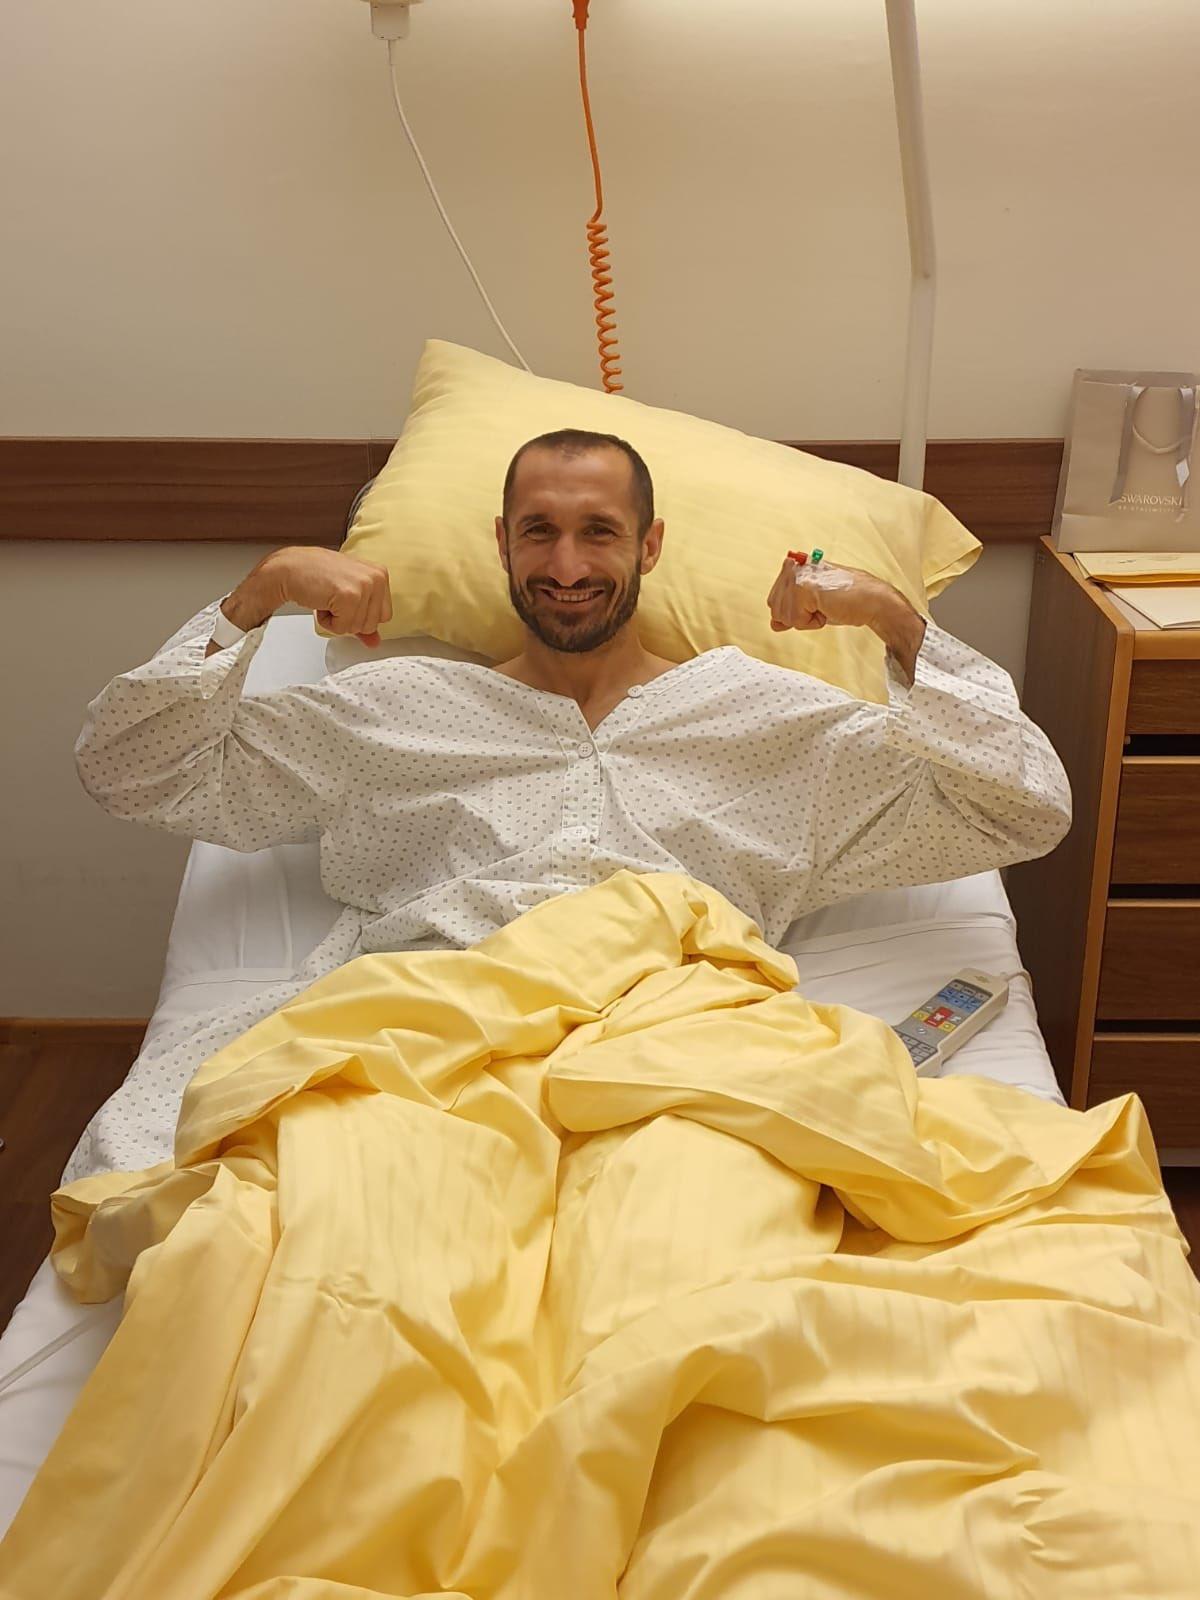 心态放好!基耶利尼晒出术后照片:复健第一天